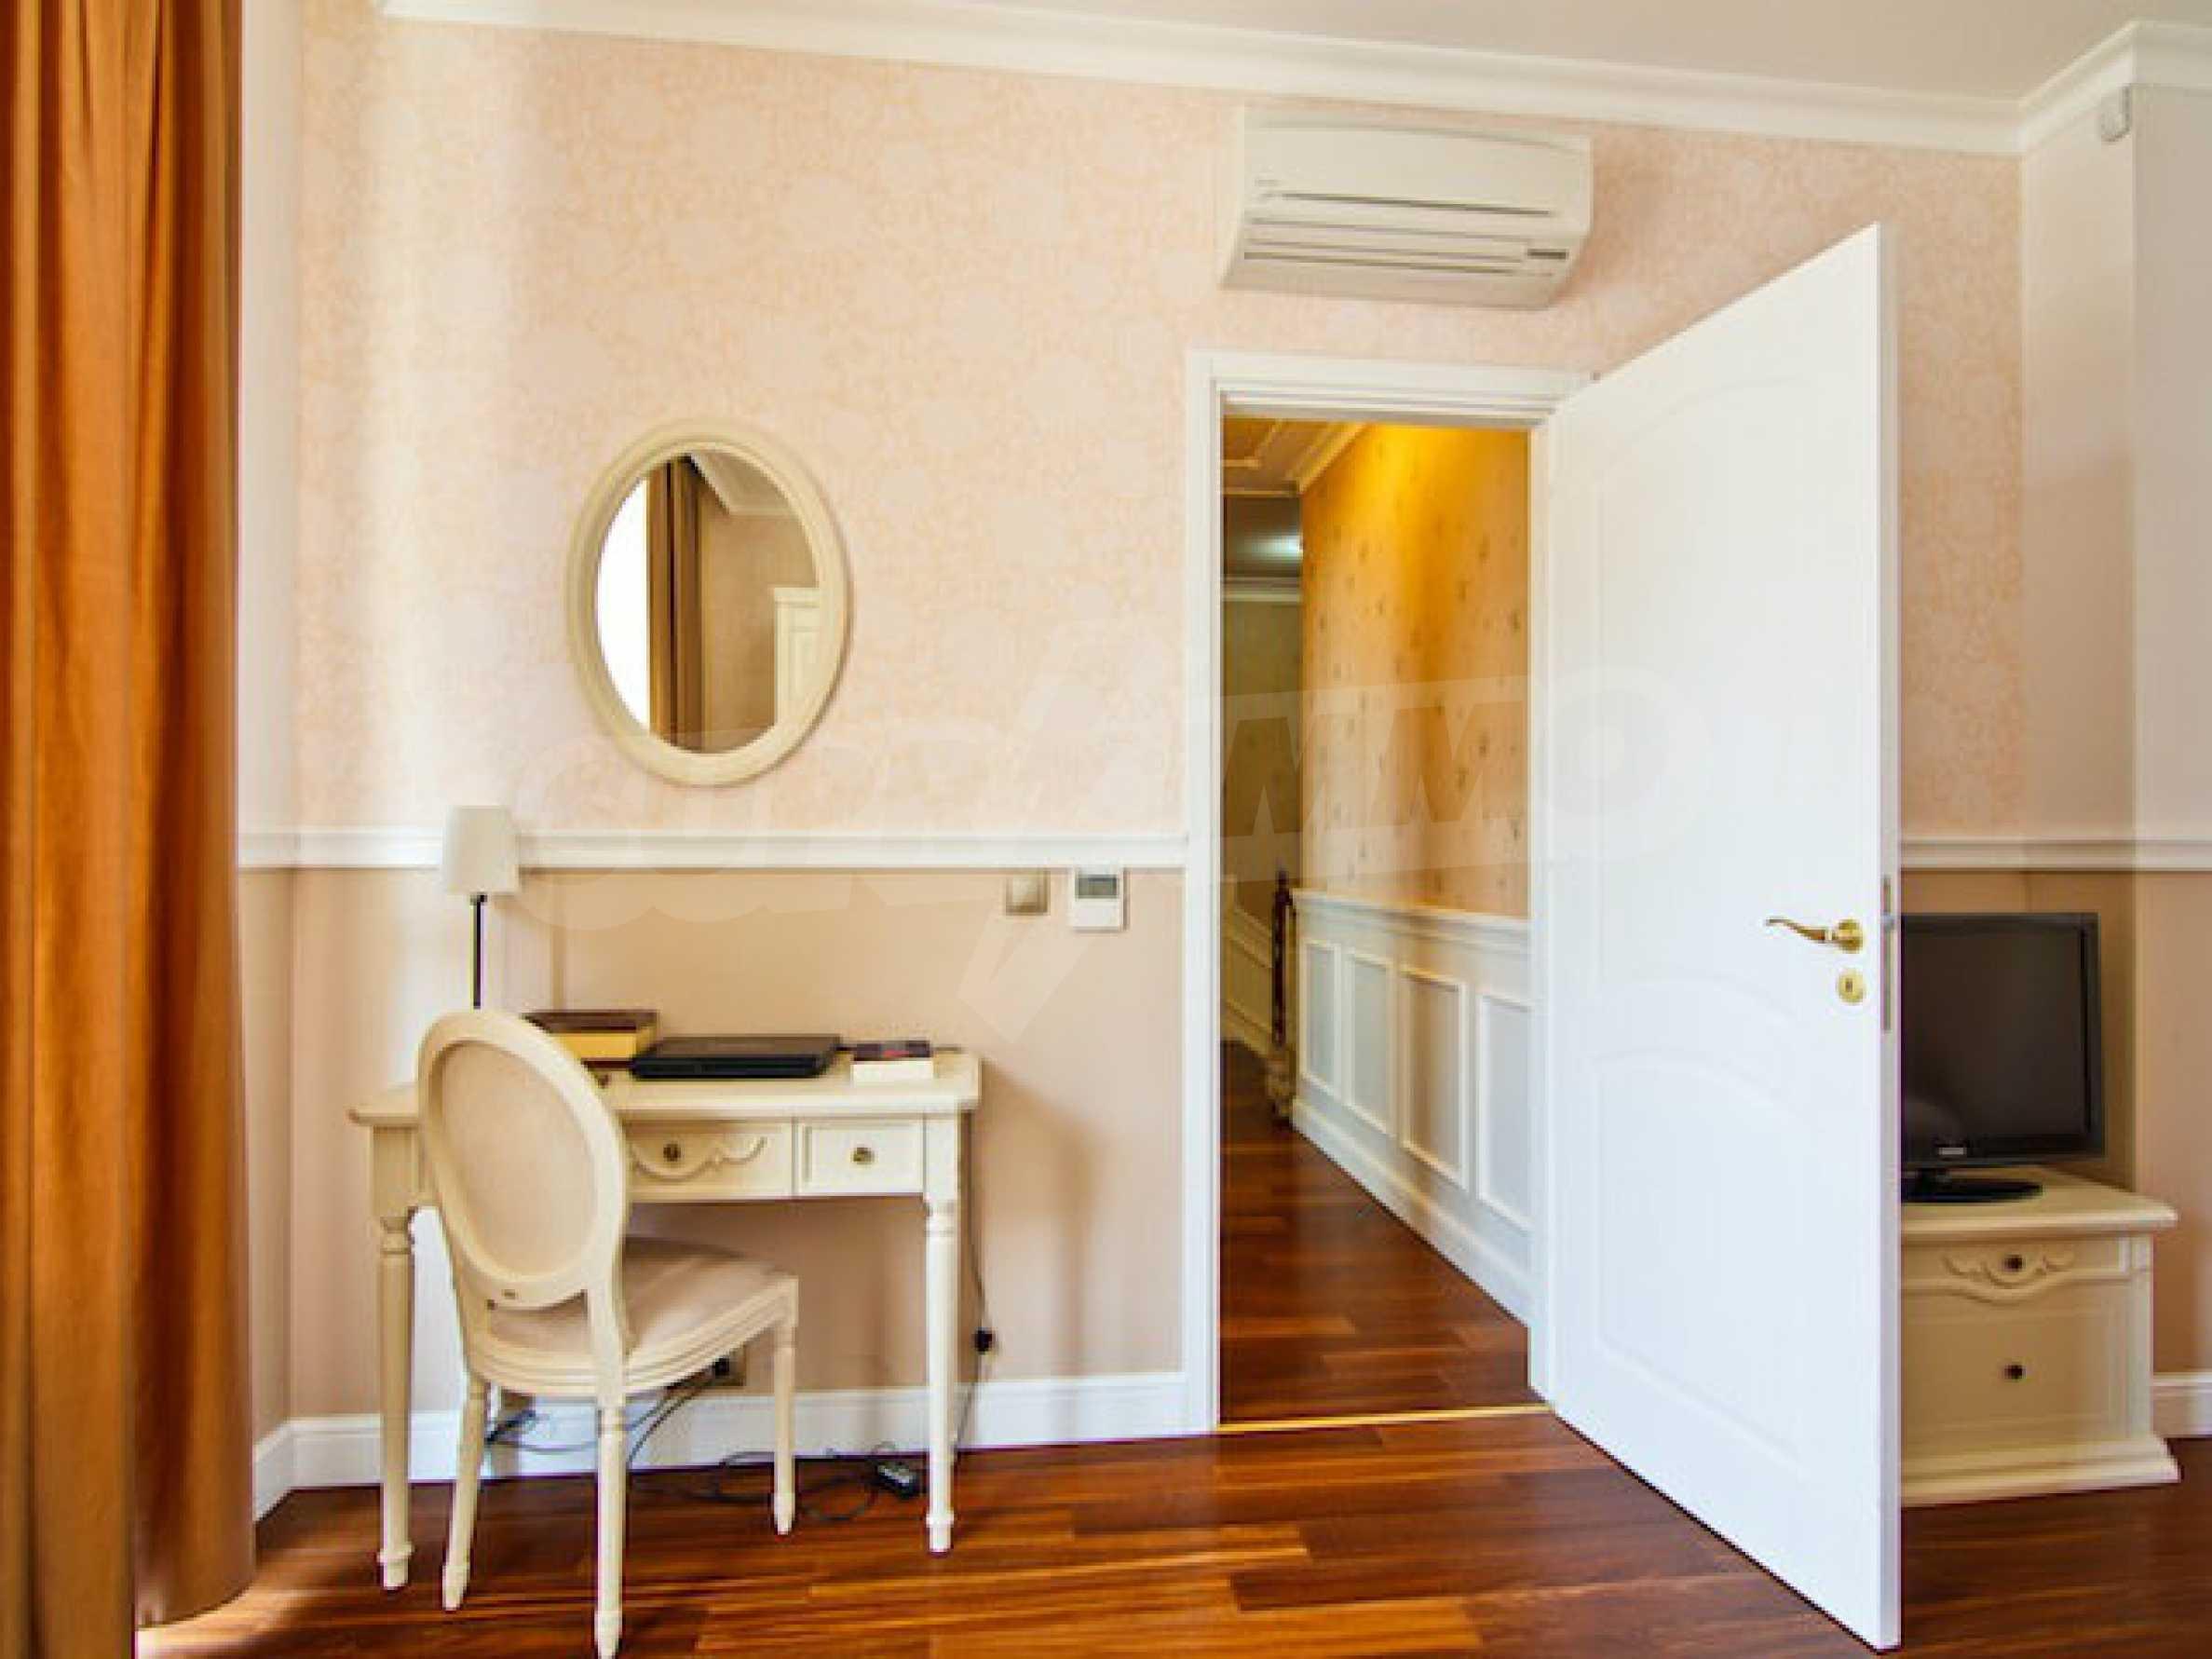 Luxuriös eingerichtetes Apartment mit einem Schlafzimmer 18